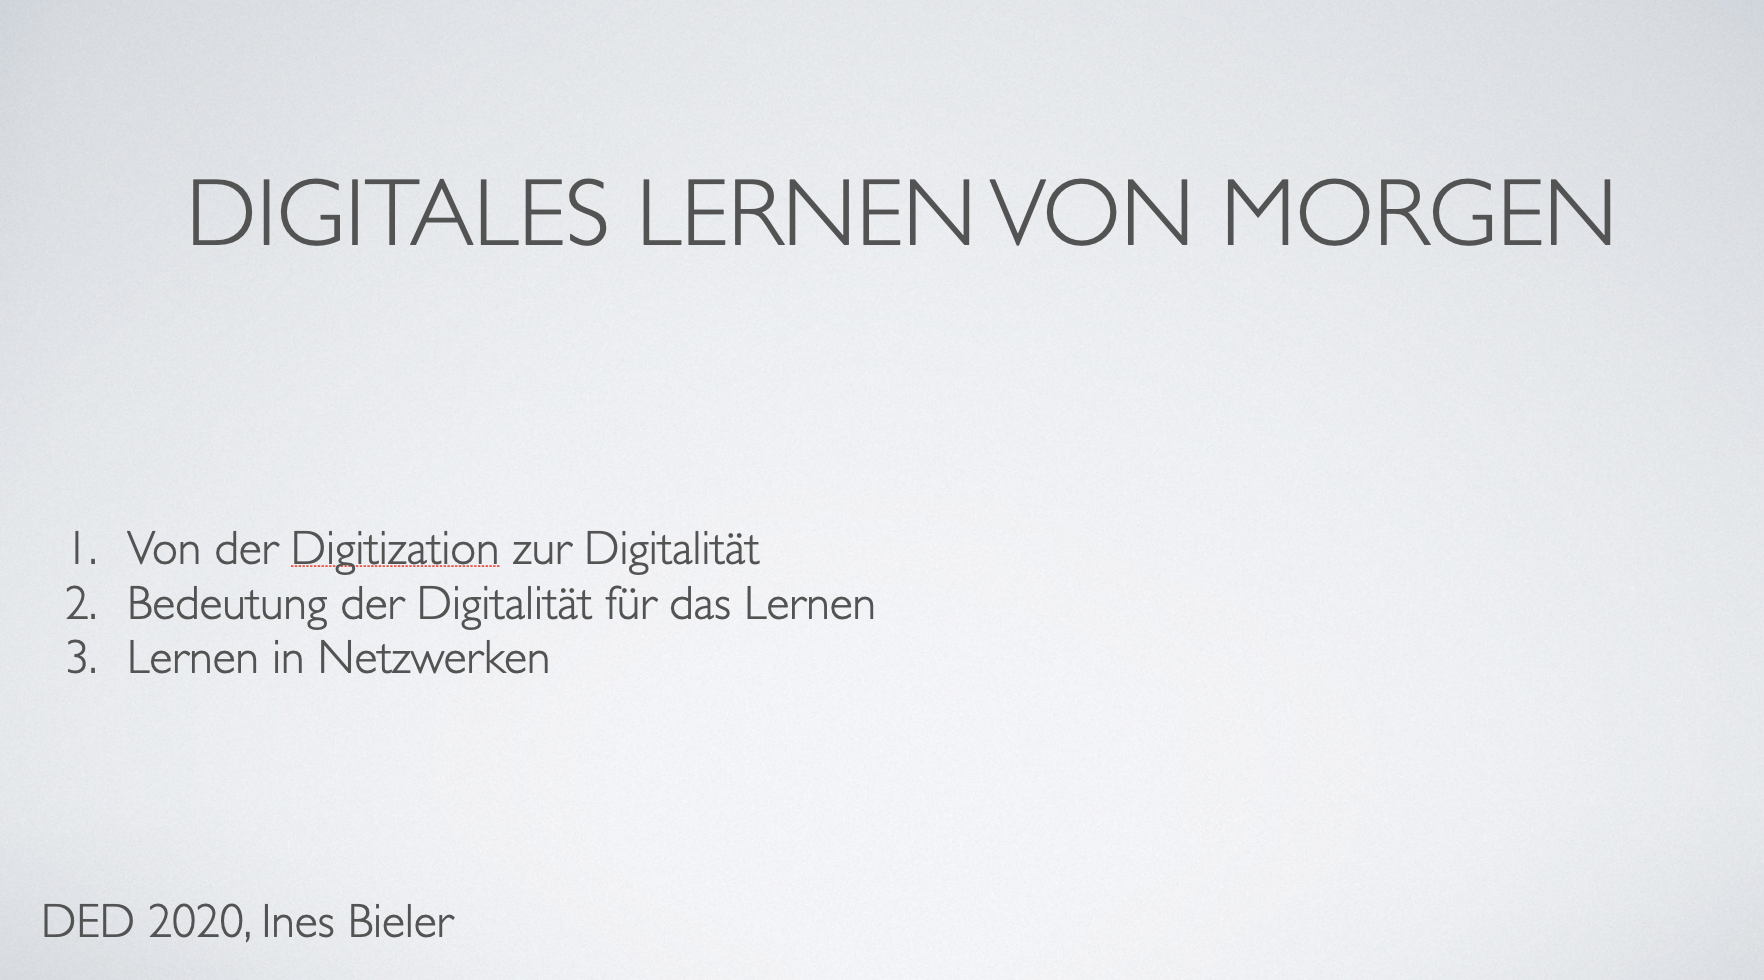 digitales_lernen_von_morgen